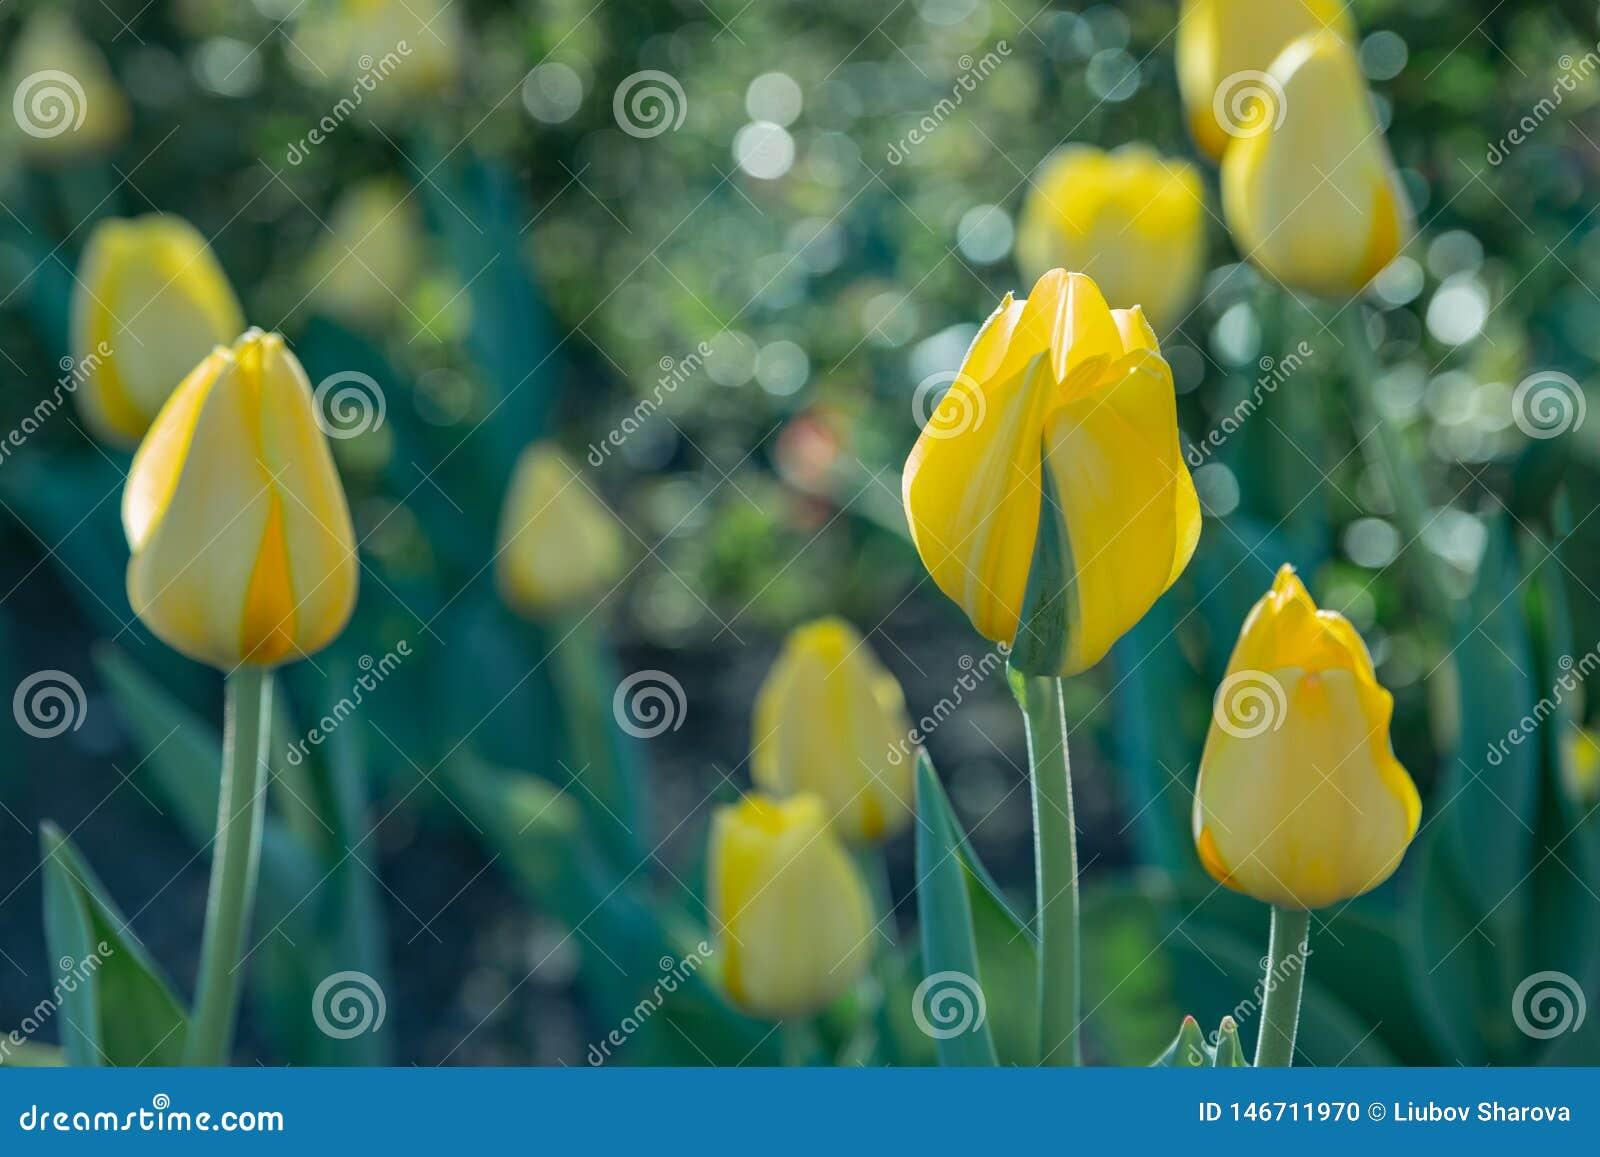 Желтые тюльпаны на зеленой запачканной предпосылке